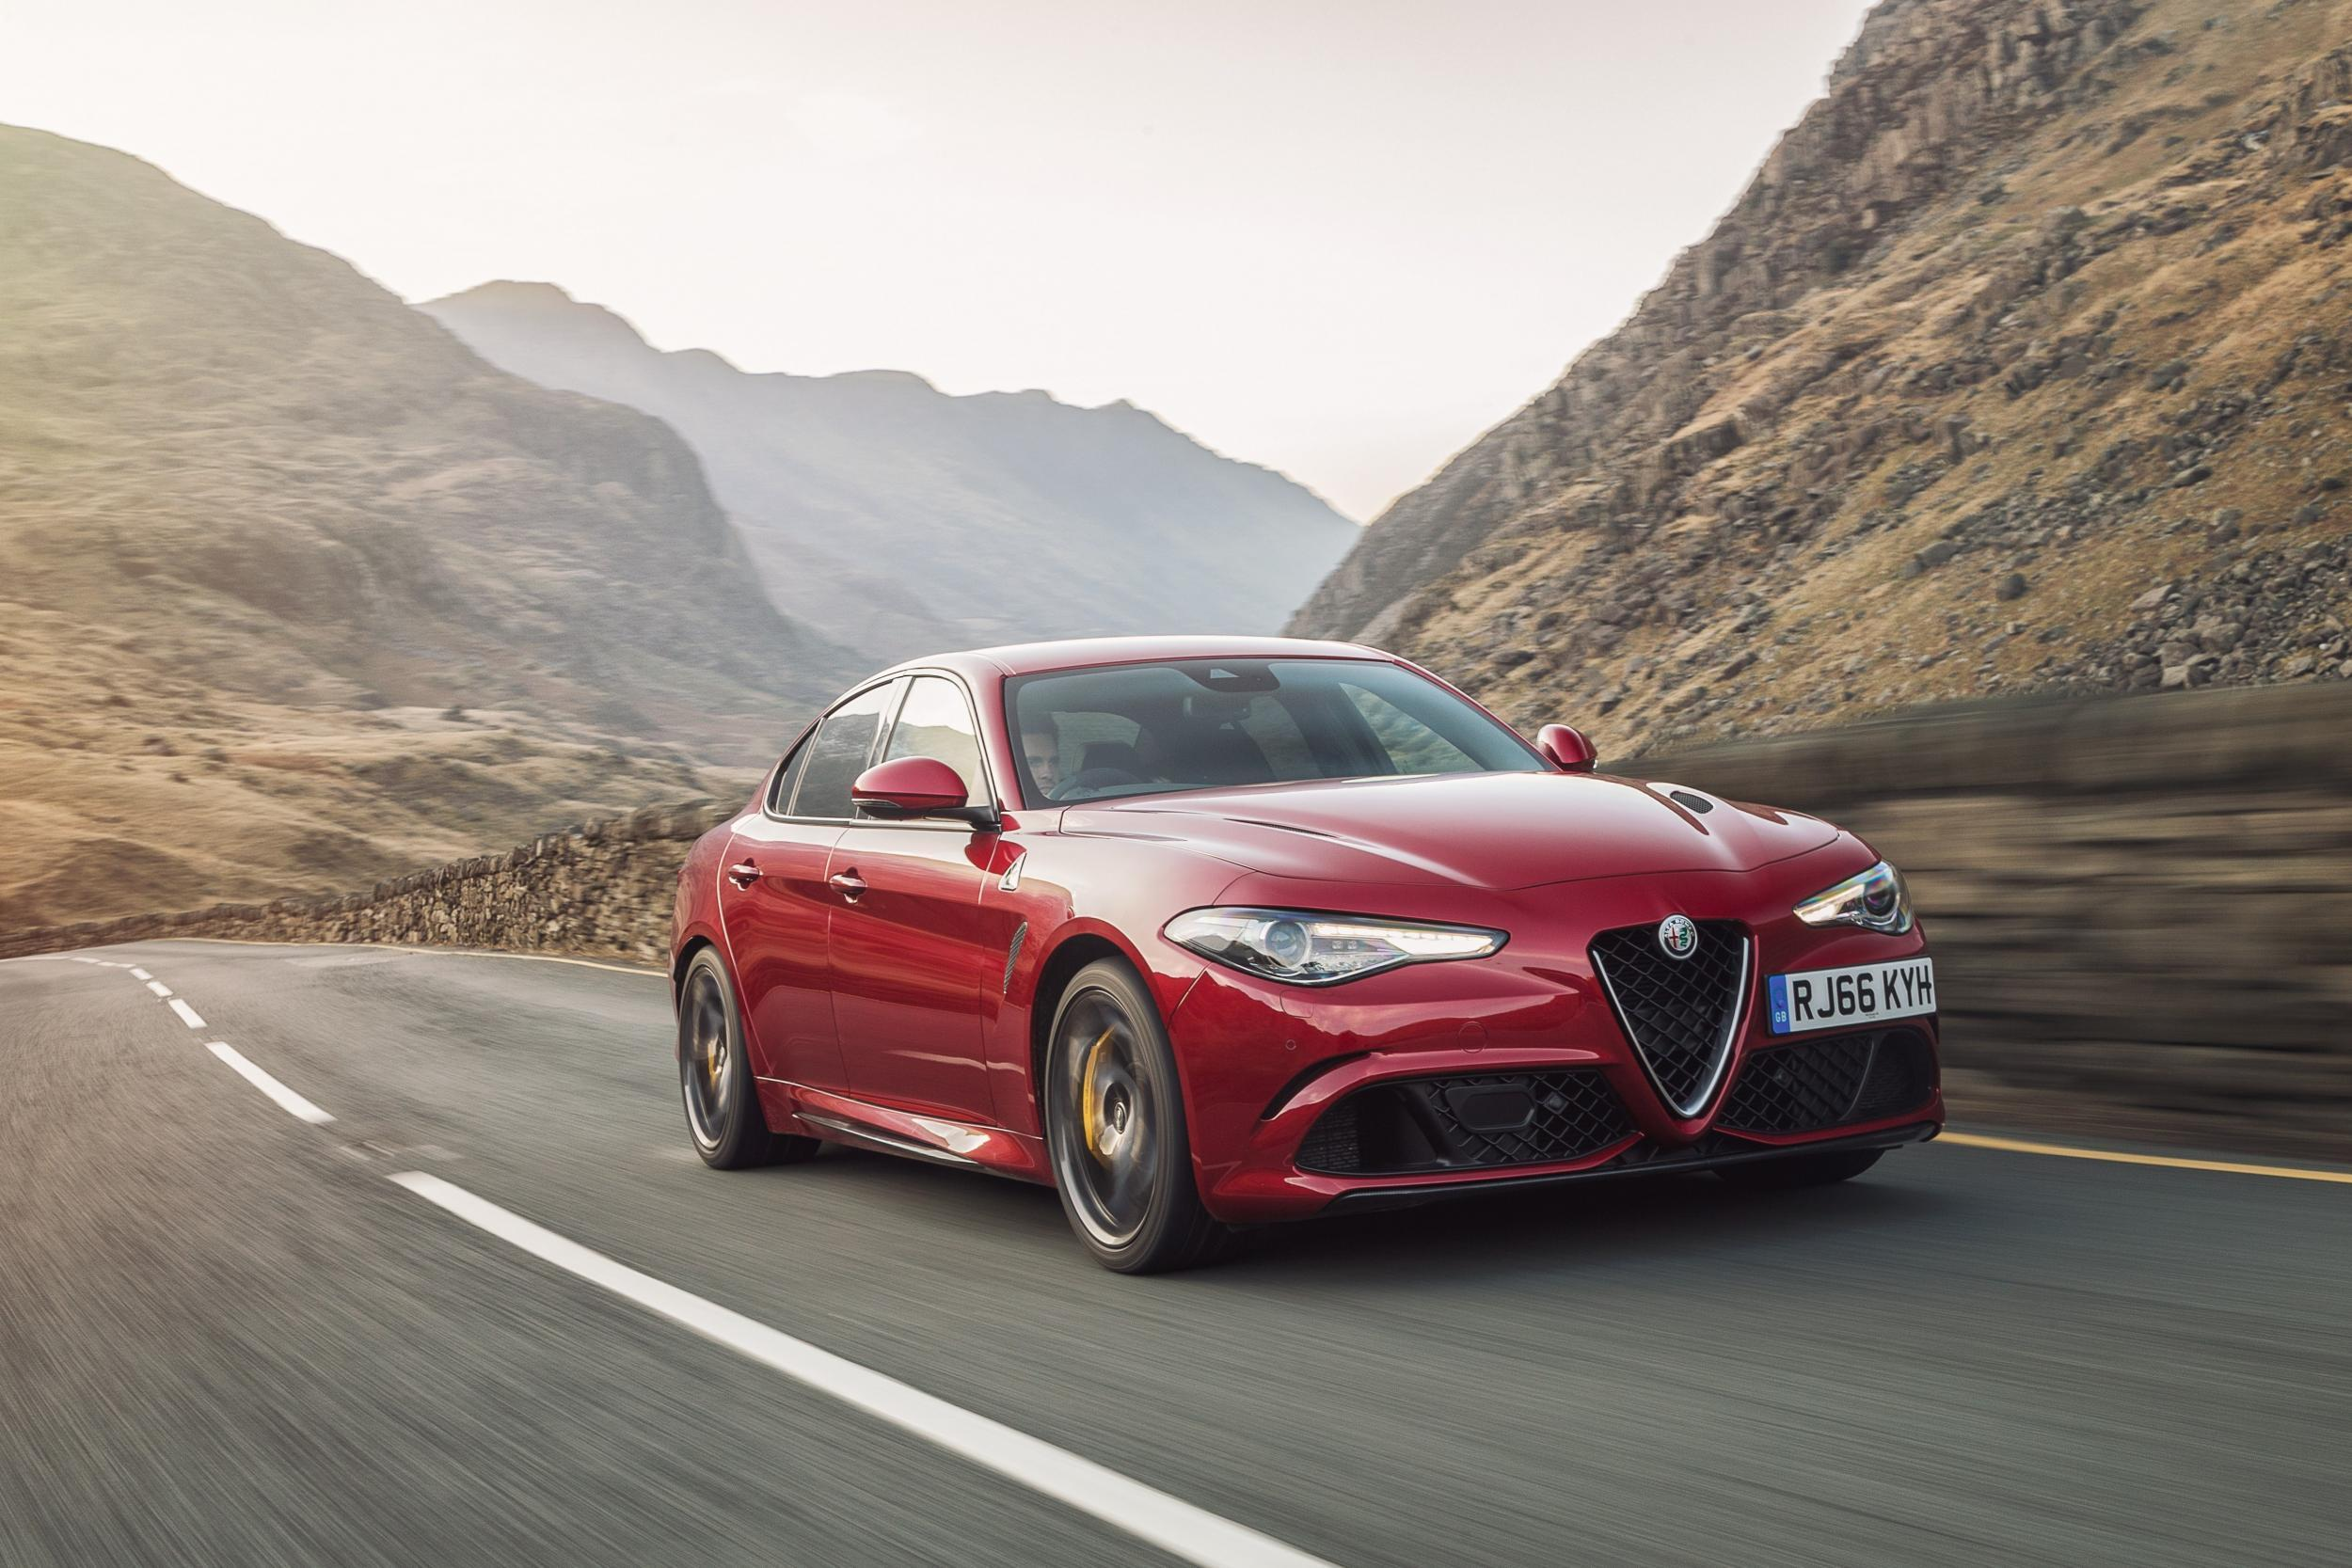 2018 Alfa Romeo Giulia Quadrifoglio review The